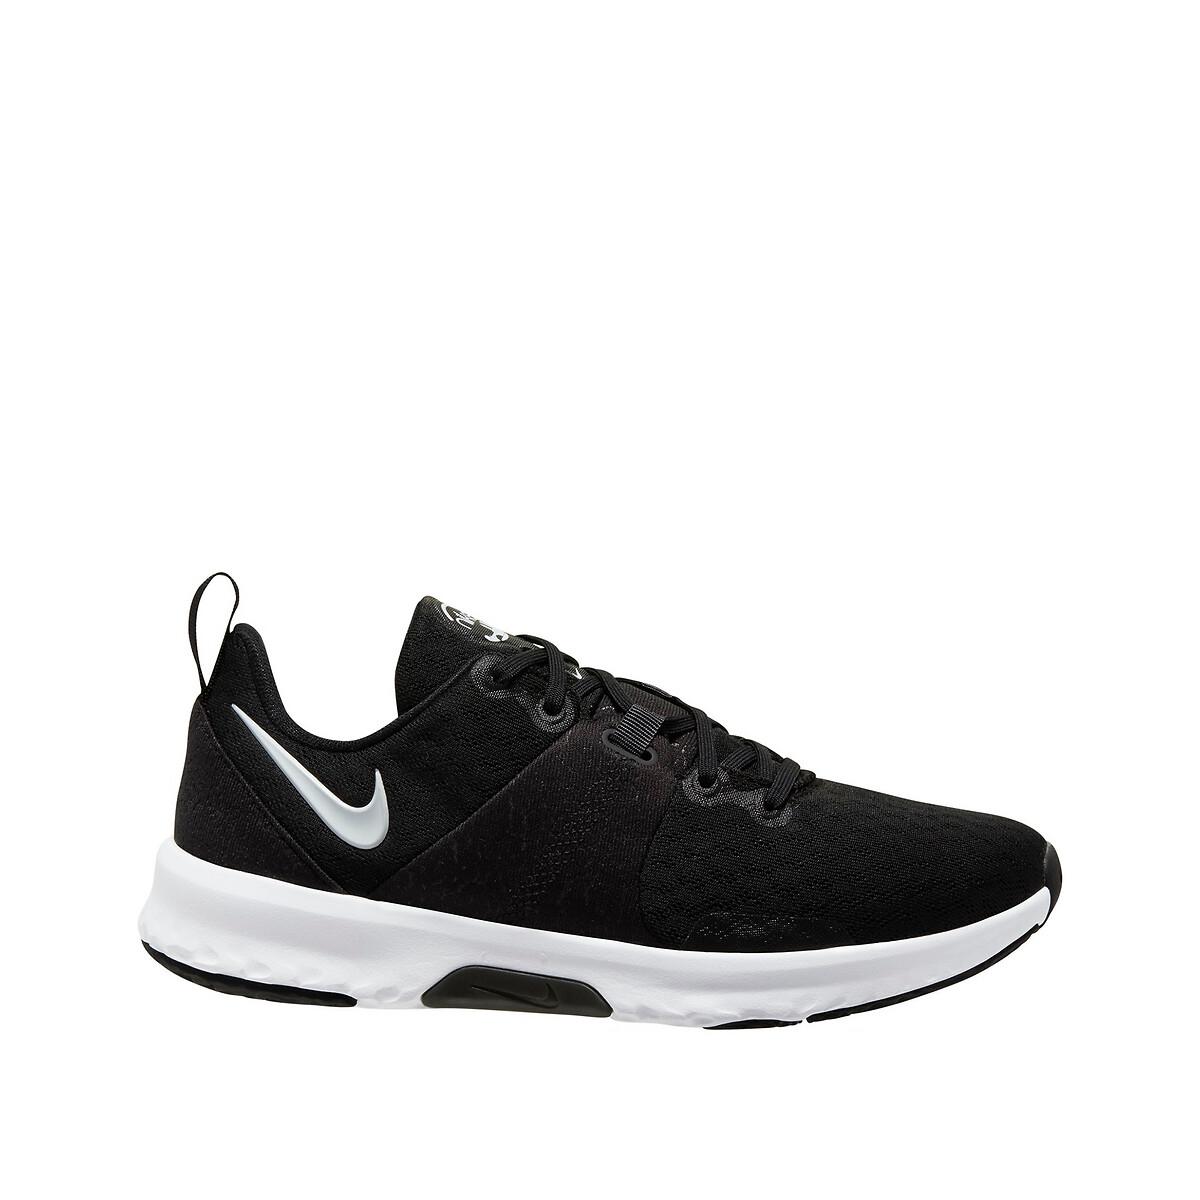 Nike City Trainer 3 fitness schoenen zwart/wit online kopen